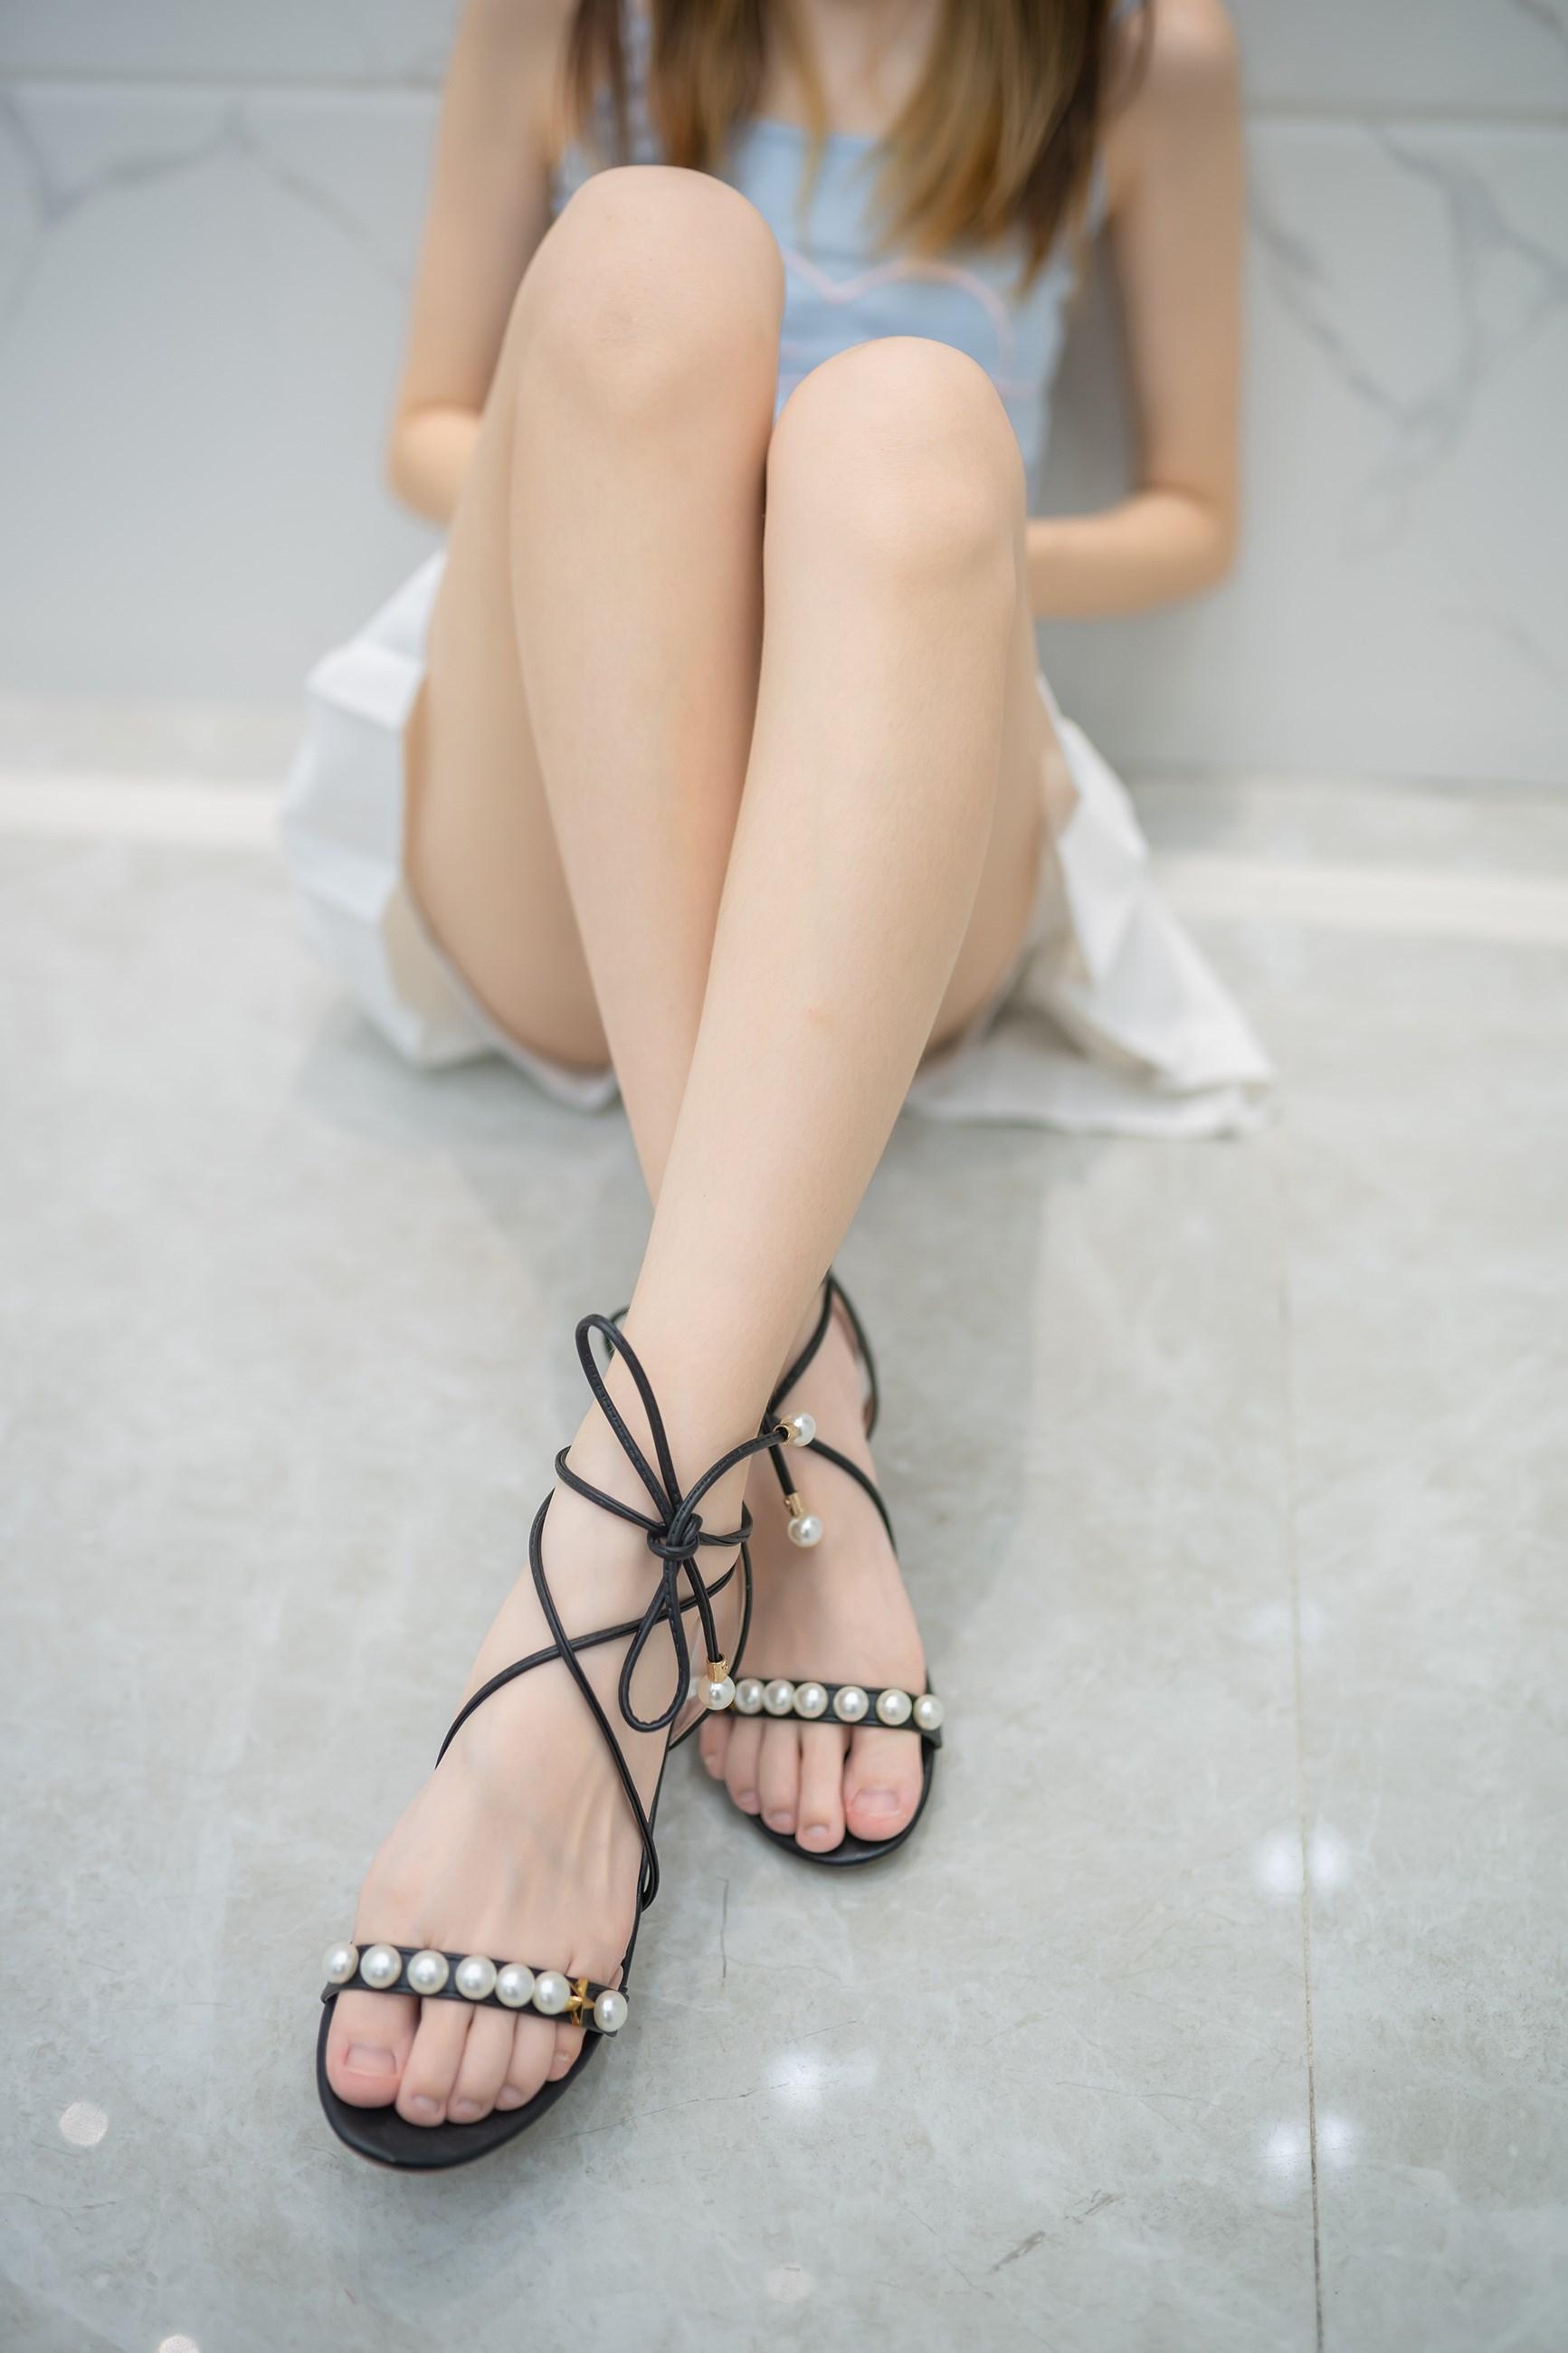 【兔玩映画】白裙果腿少女 兔玩映画 第4张